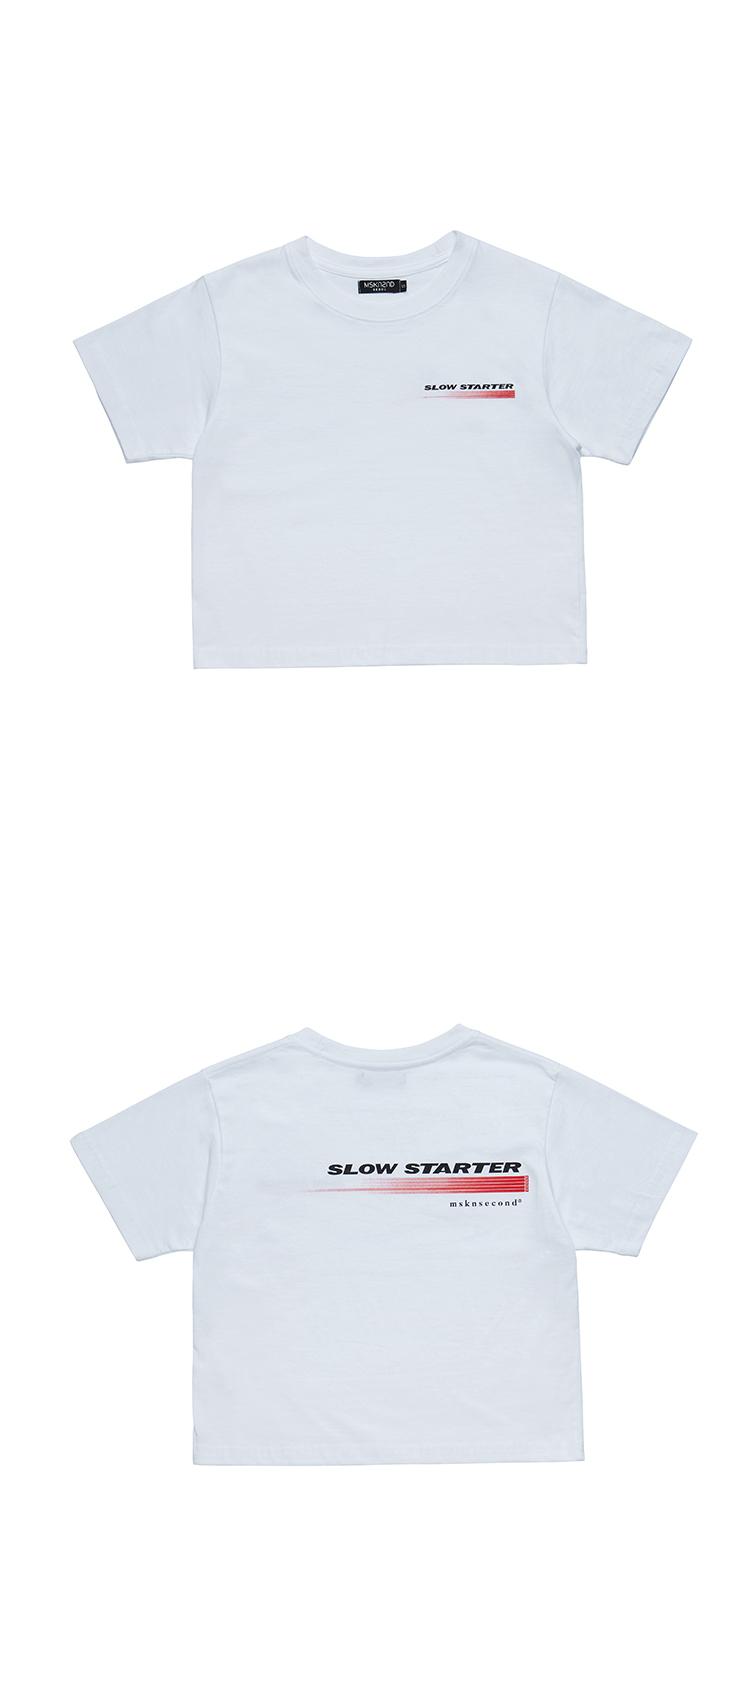 문수권세컨(MSKN2ND) 슬로우 스타터 크롭 반팔티 티셔츠 화이트